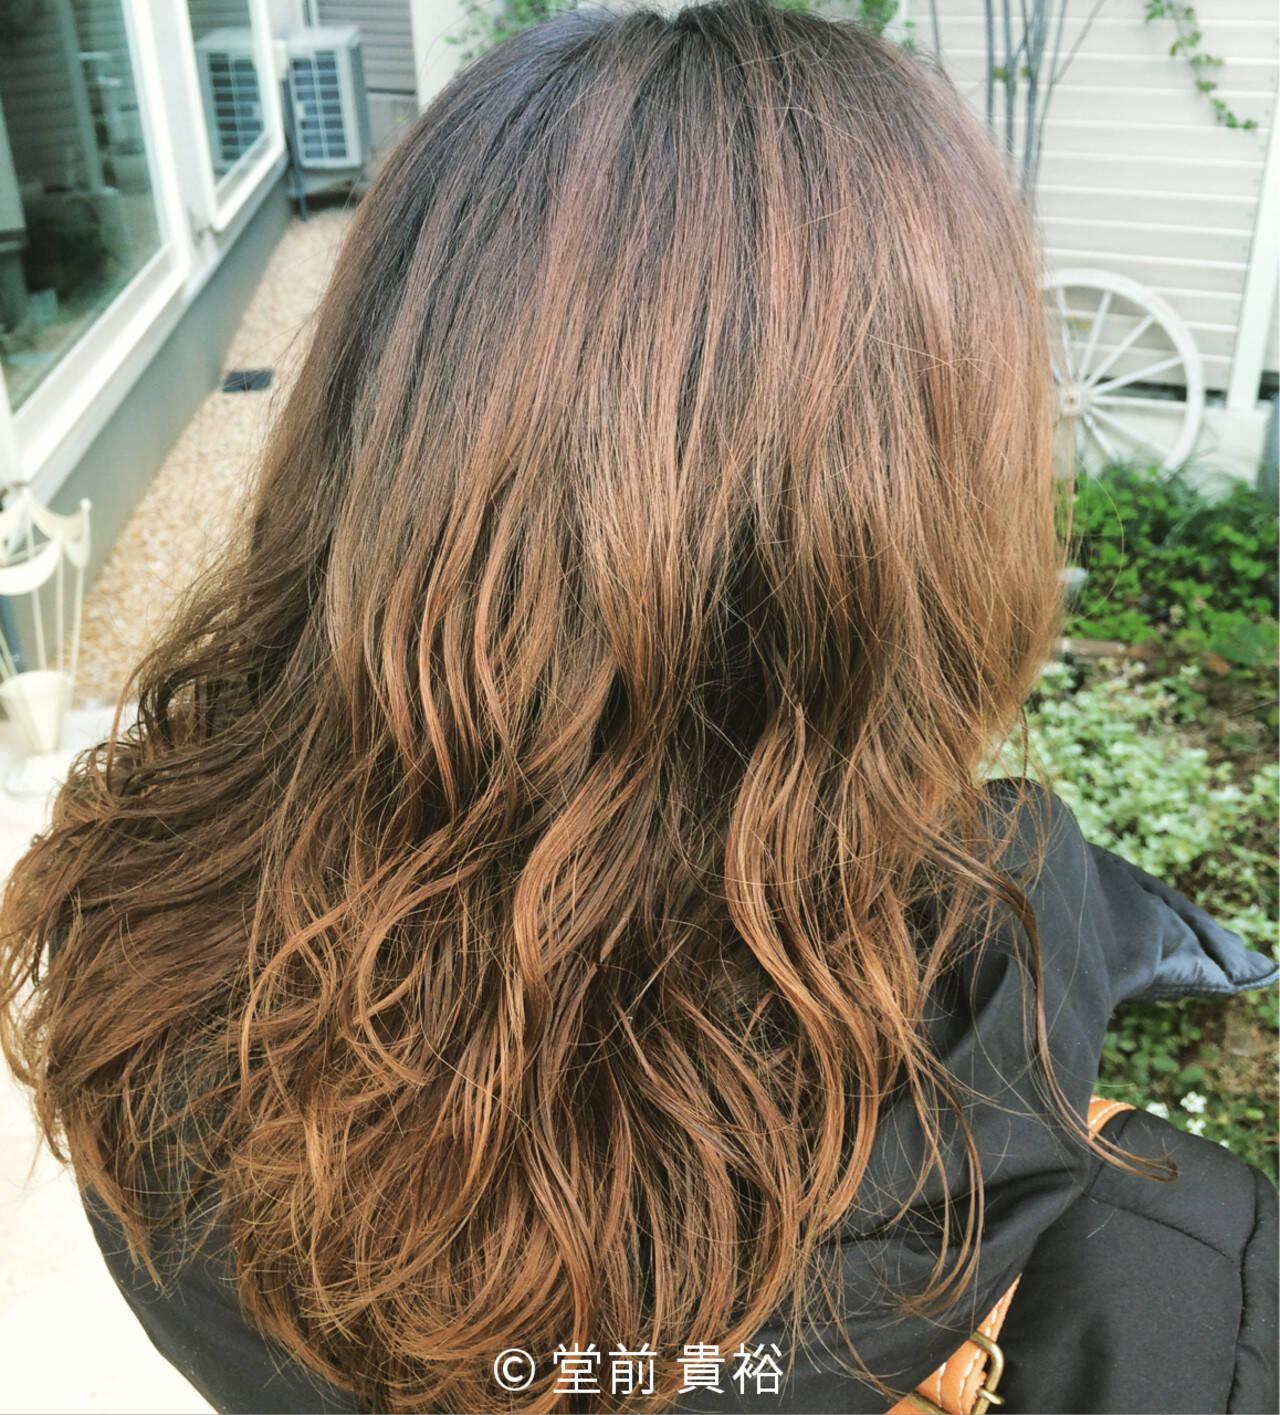 ストリート グラデーションカラー 大人かわいい ロングヘアスタイルや髪型の写真・画像